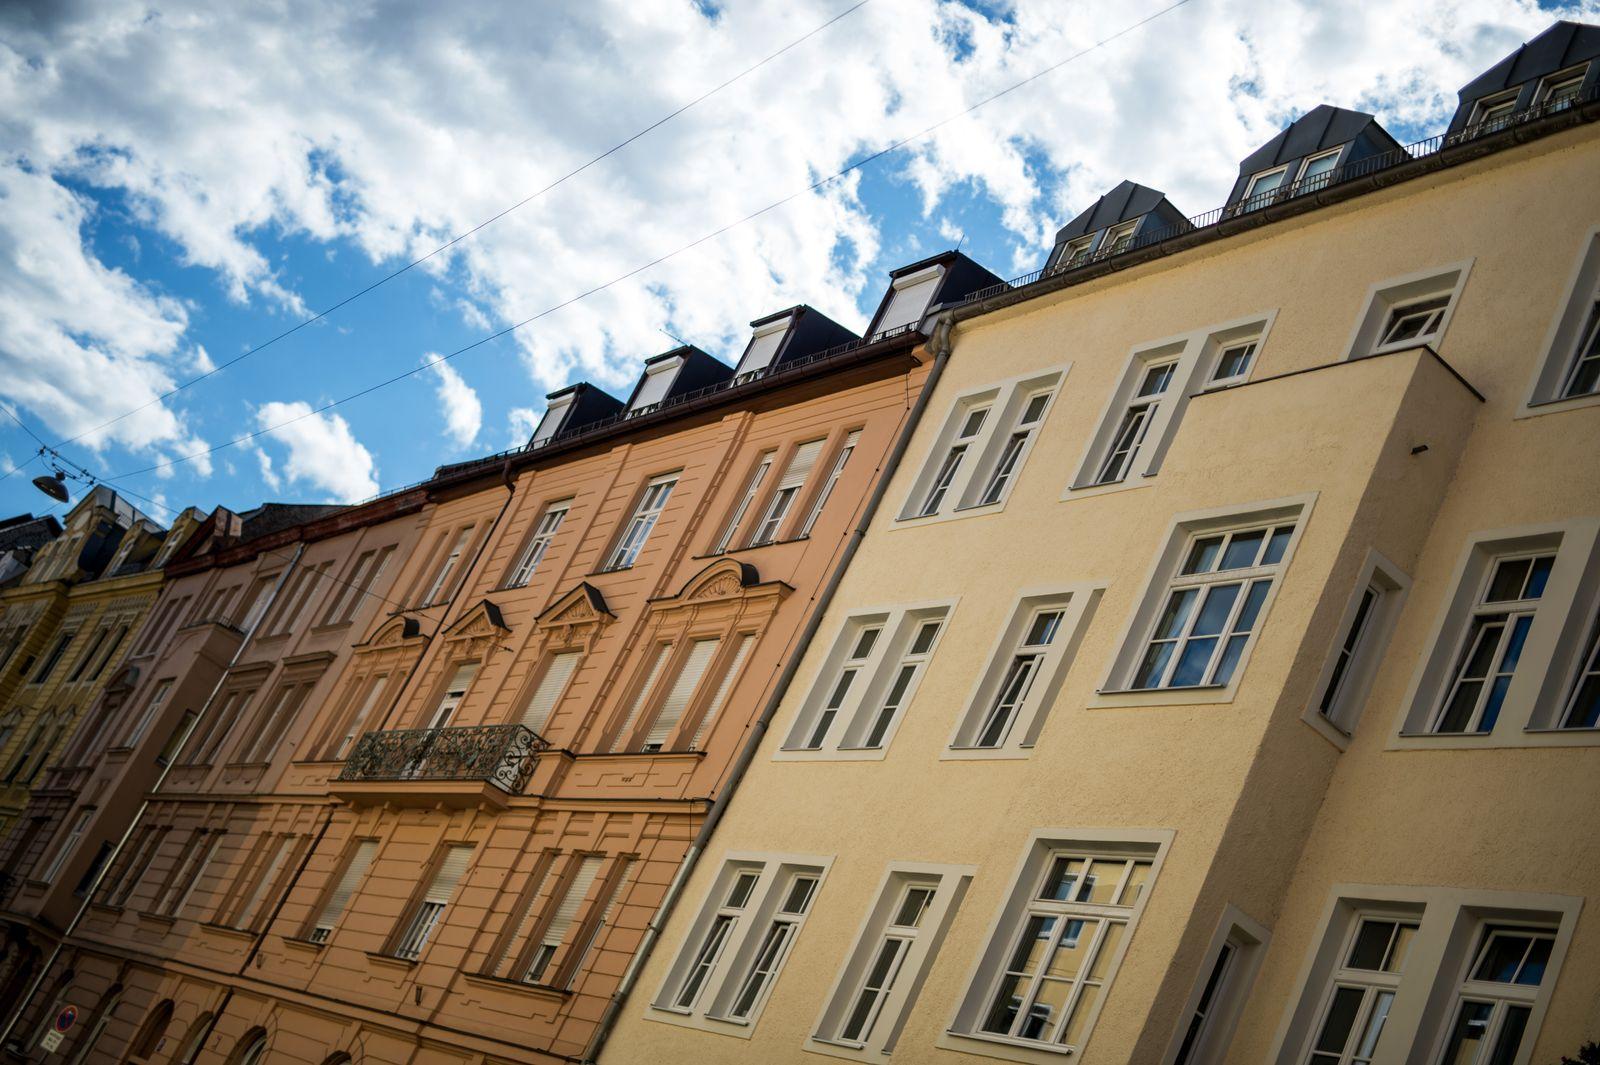 Wohnungen / München / Immobilien